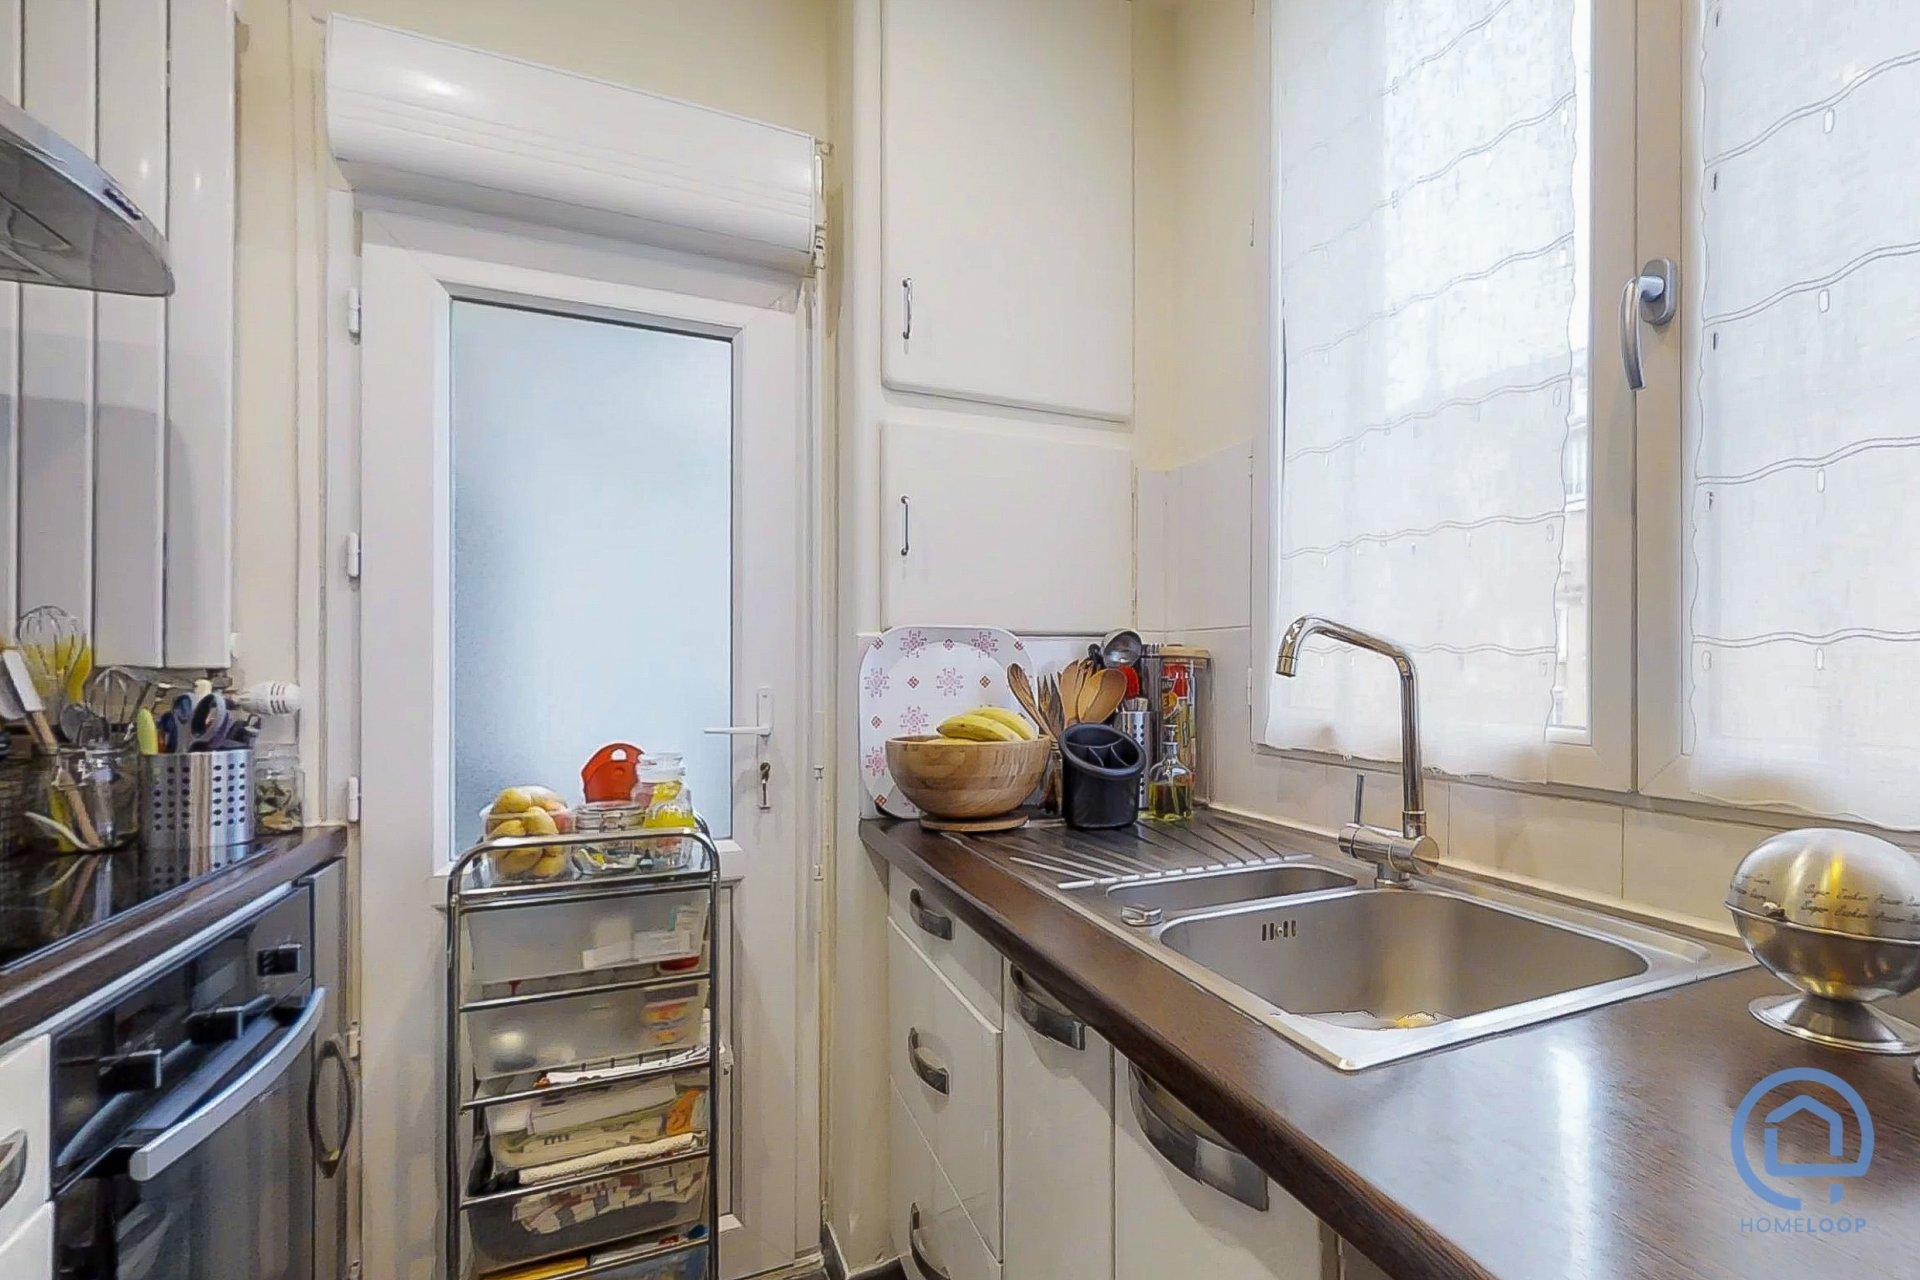 Vente Appartement - Paris 17ème Plaine-Monceau